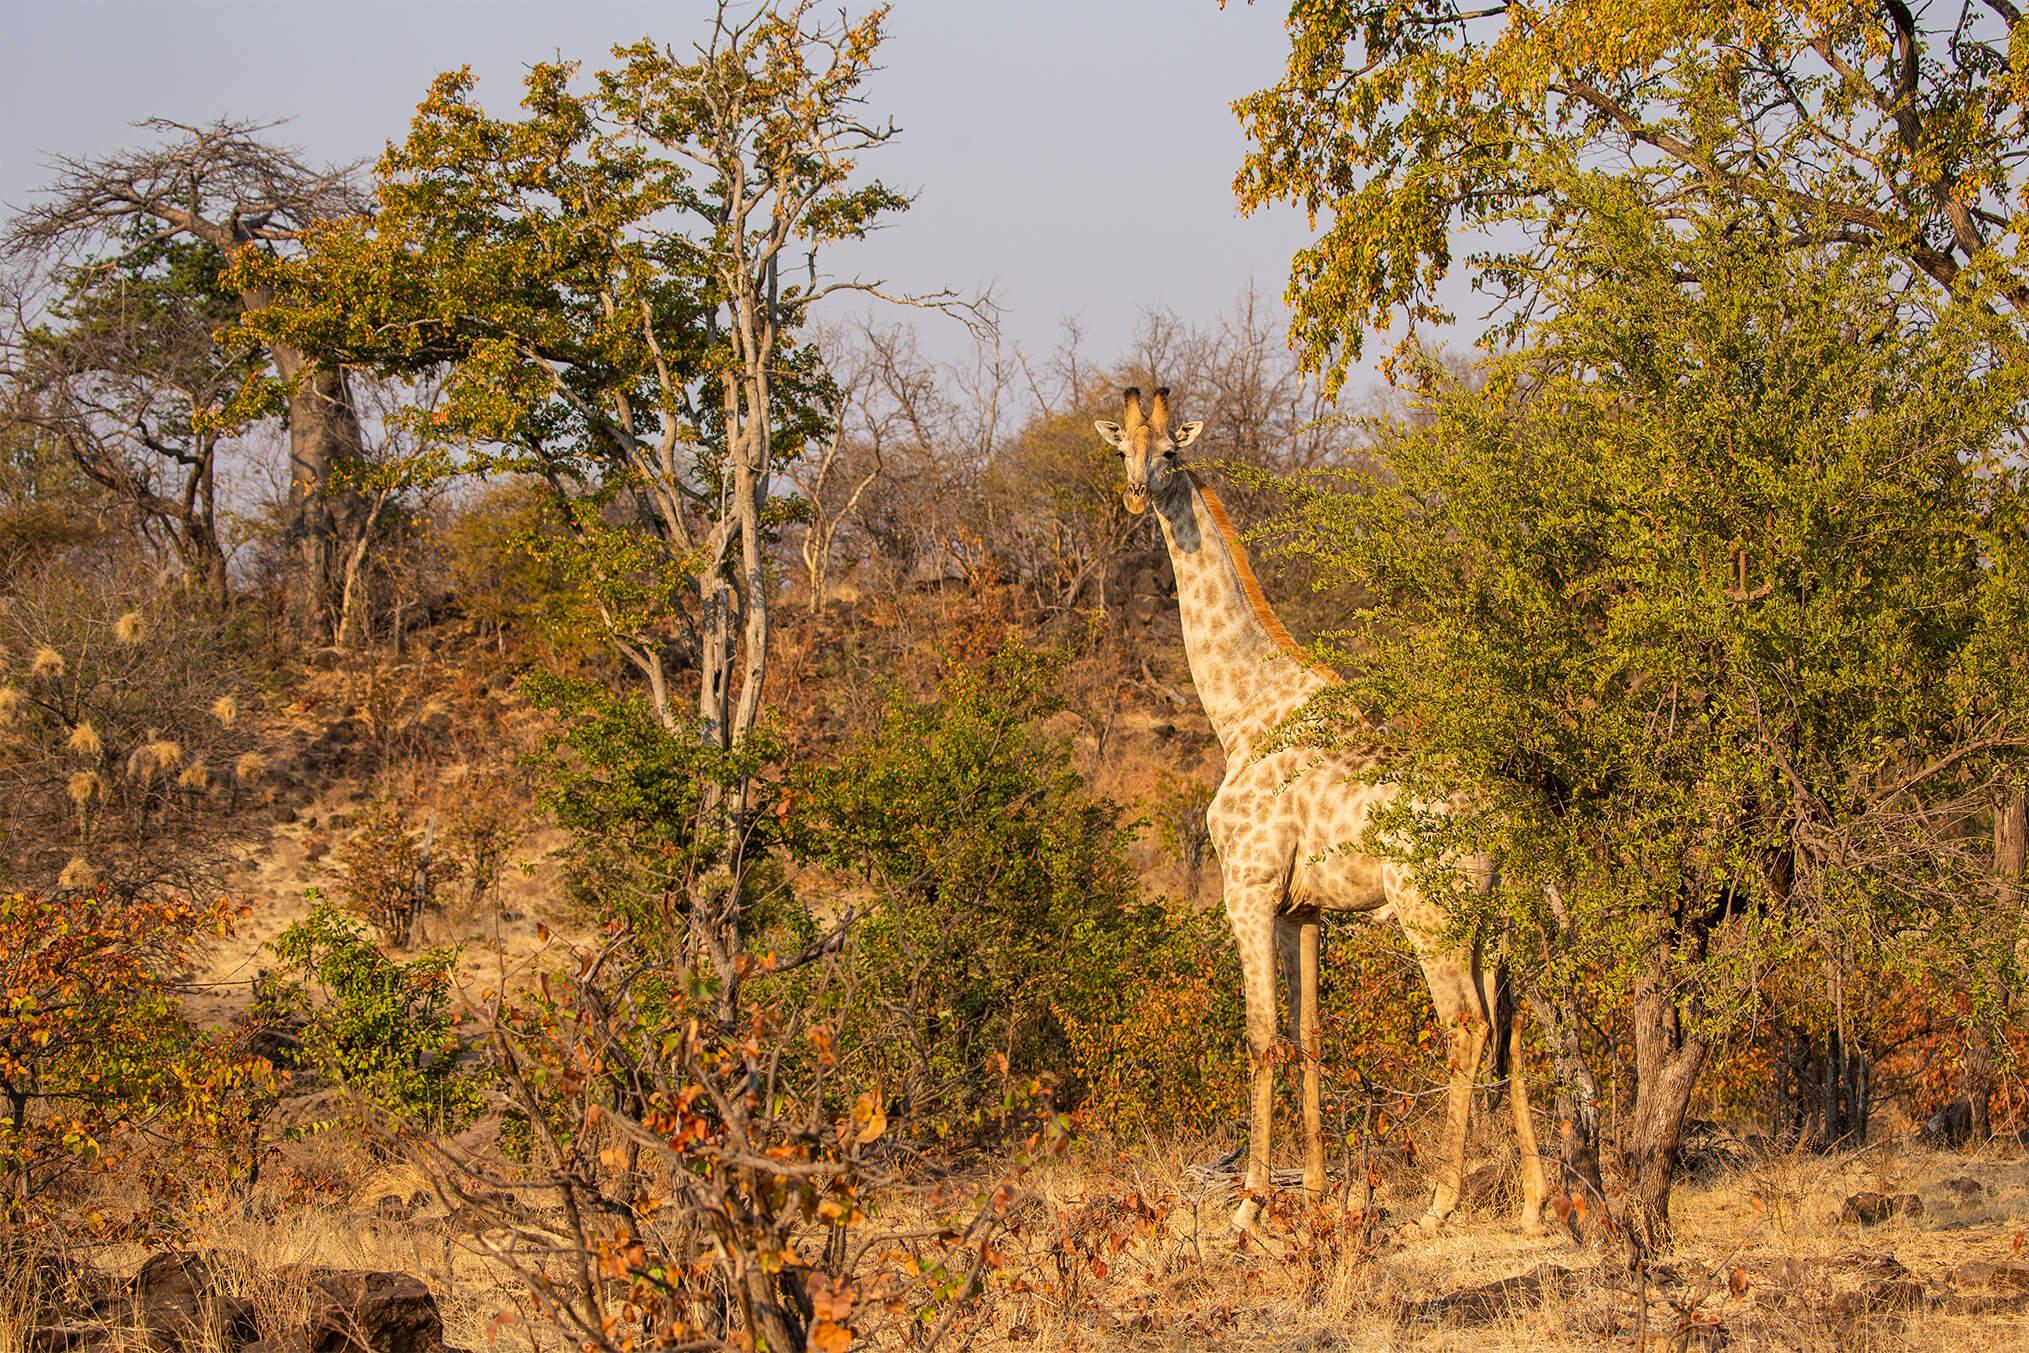 GPZimbabwe-MpalaJena-WildlifeGiraffe.jpg